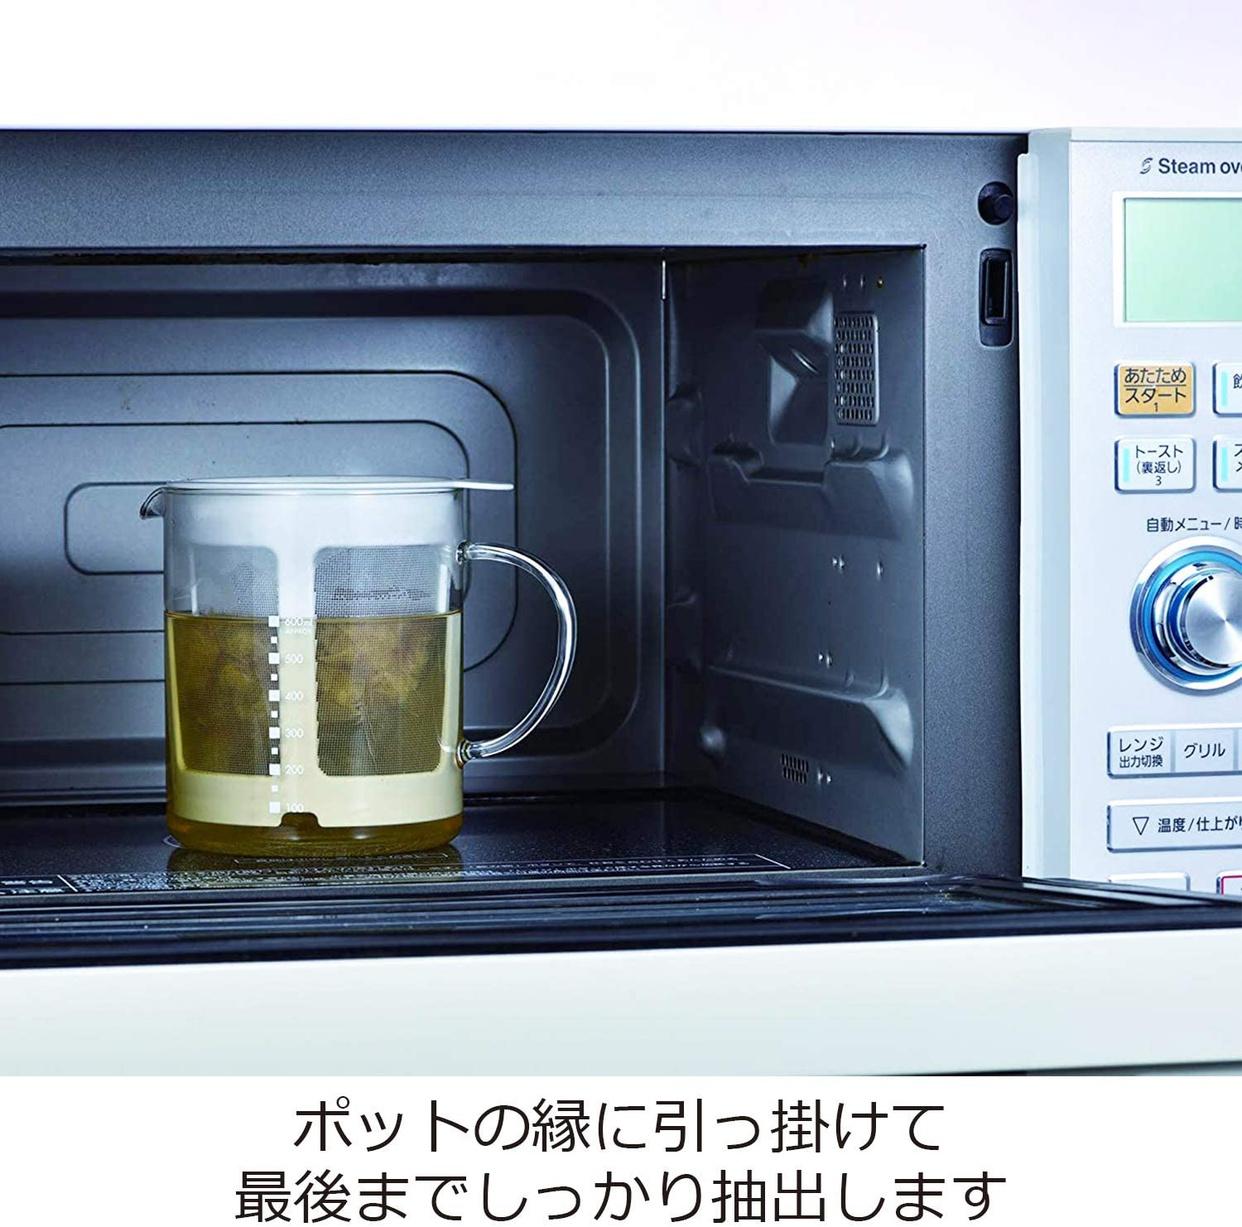 HARIO(ハリオ) だしポット DP-600の商品画像2